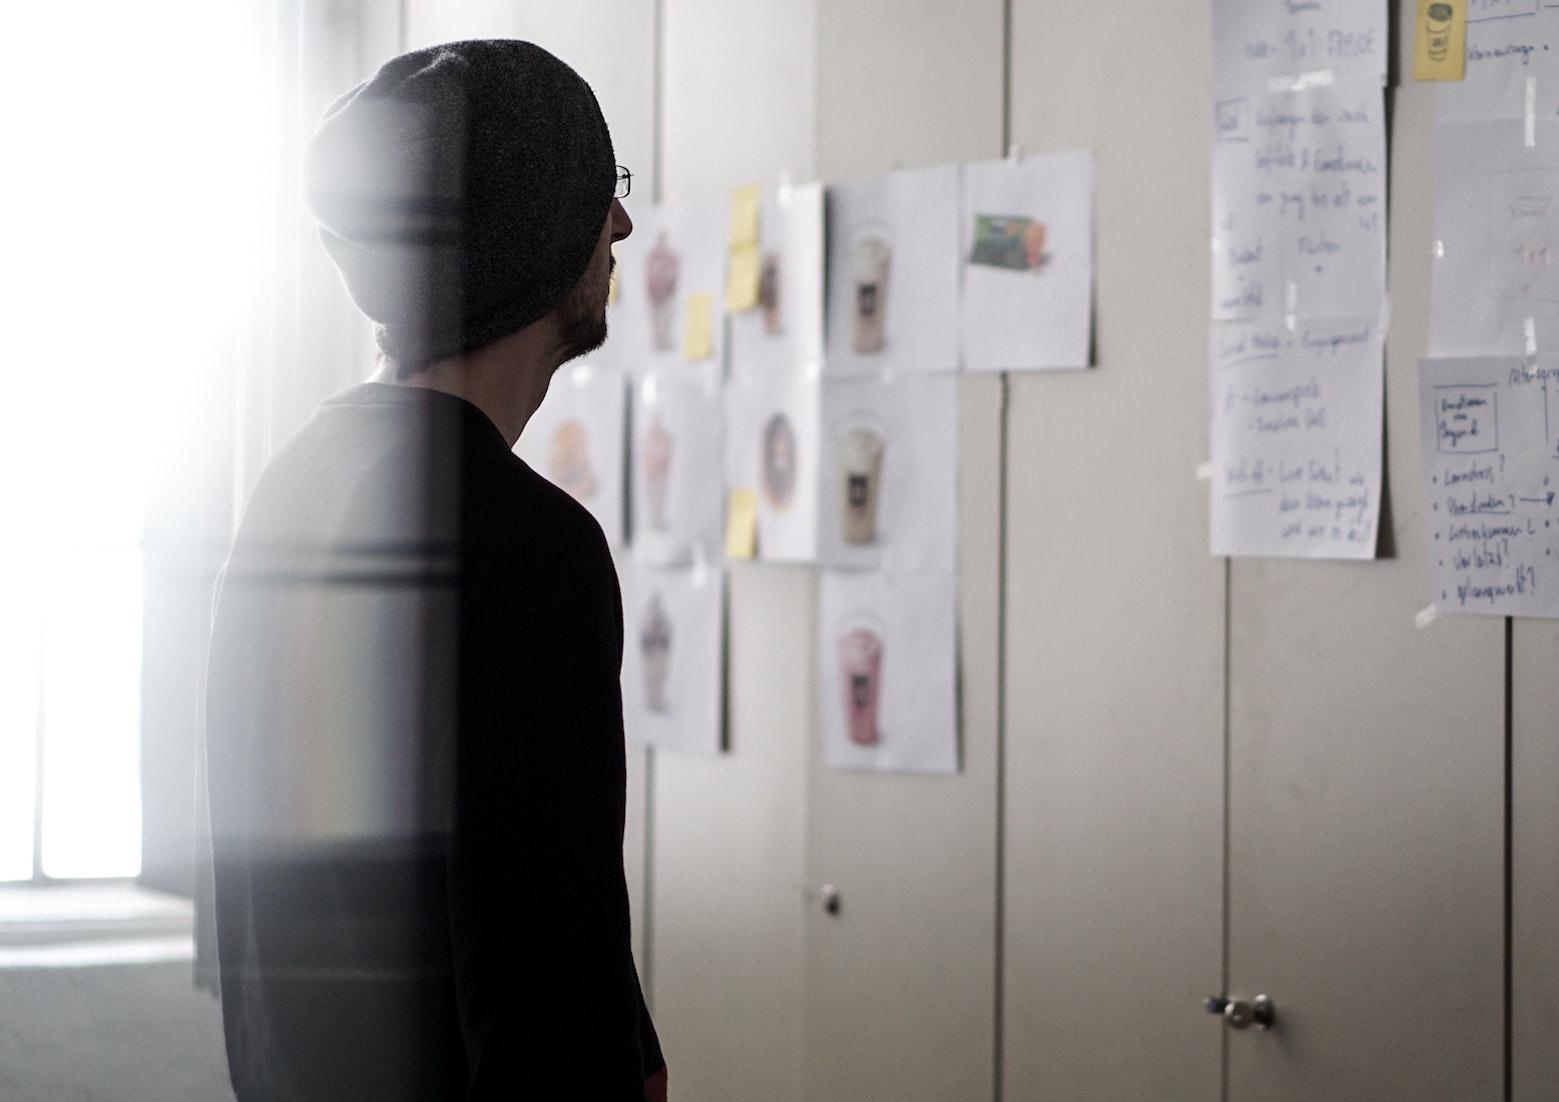 man looking at flowcharts at the board